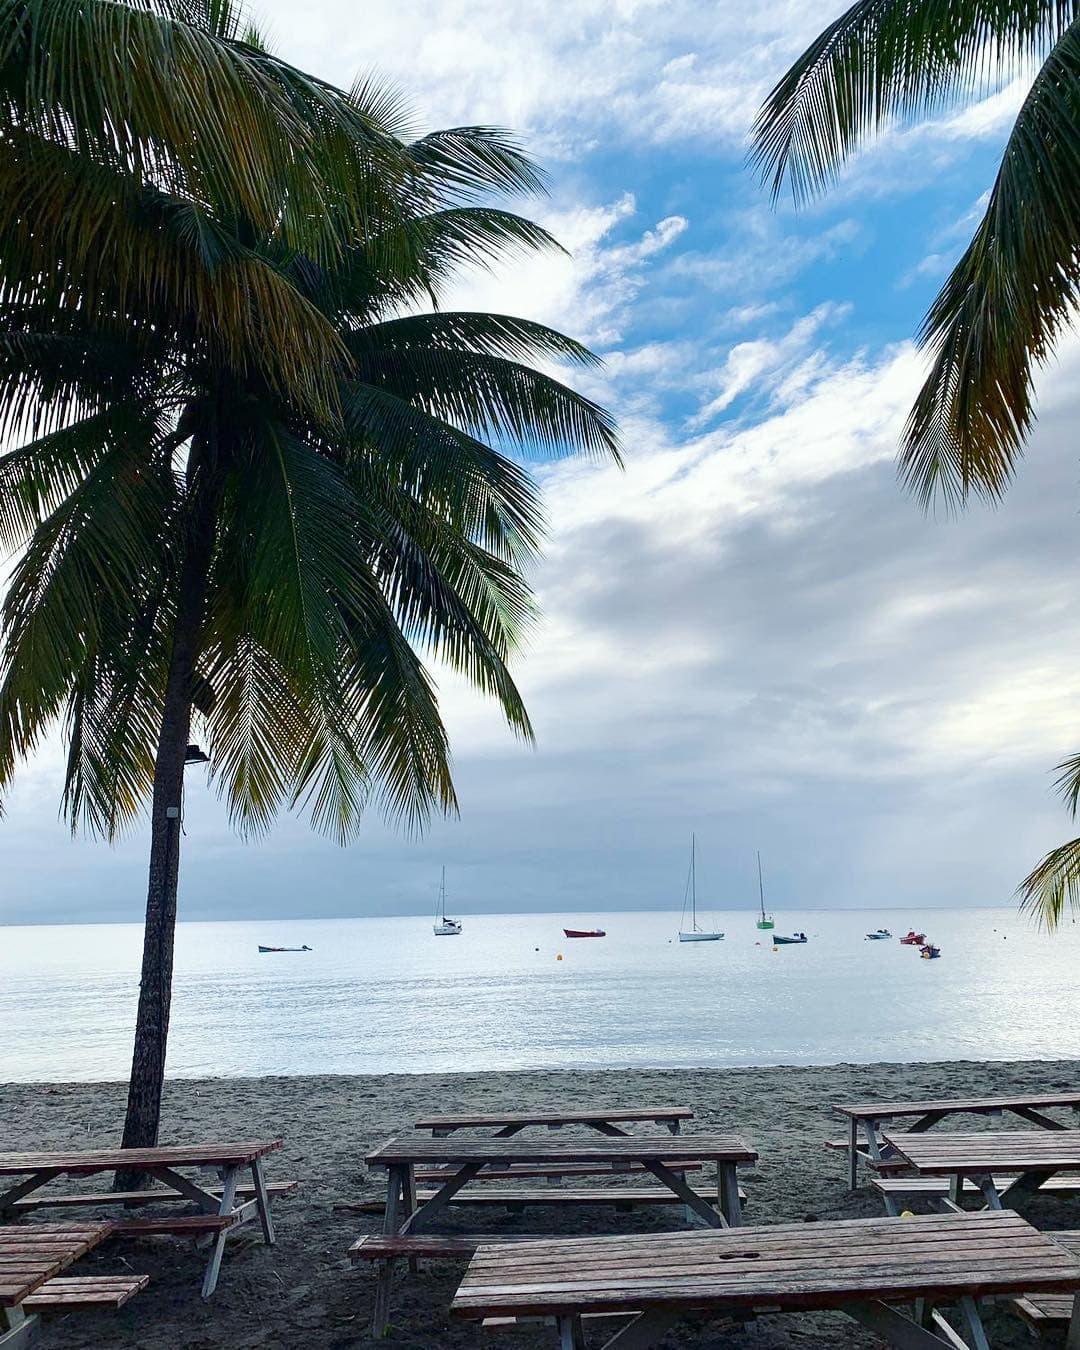 Für Autorin @aspirinia ging es gestern trotz Flugangst in die Karibik – und zwar nach Martinique. Diese Aussichten entschädigen doch glatt die lange Flugzeit, oder nicht? #reportervororr #martinique #travelgram #travel #passionpassport #mytinyatlas #islandlife #karibik